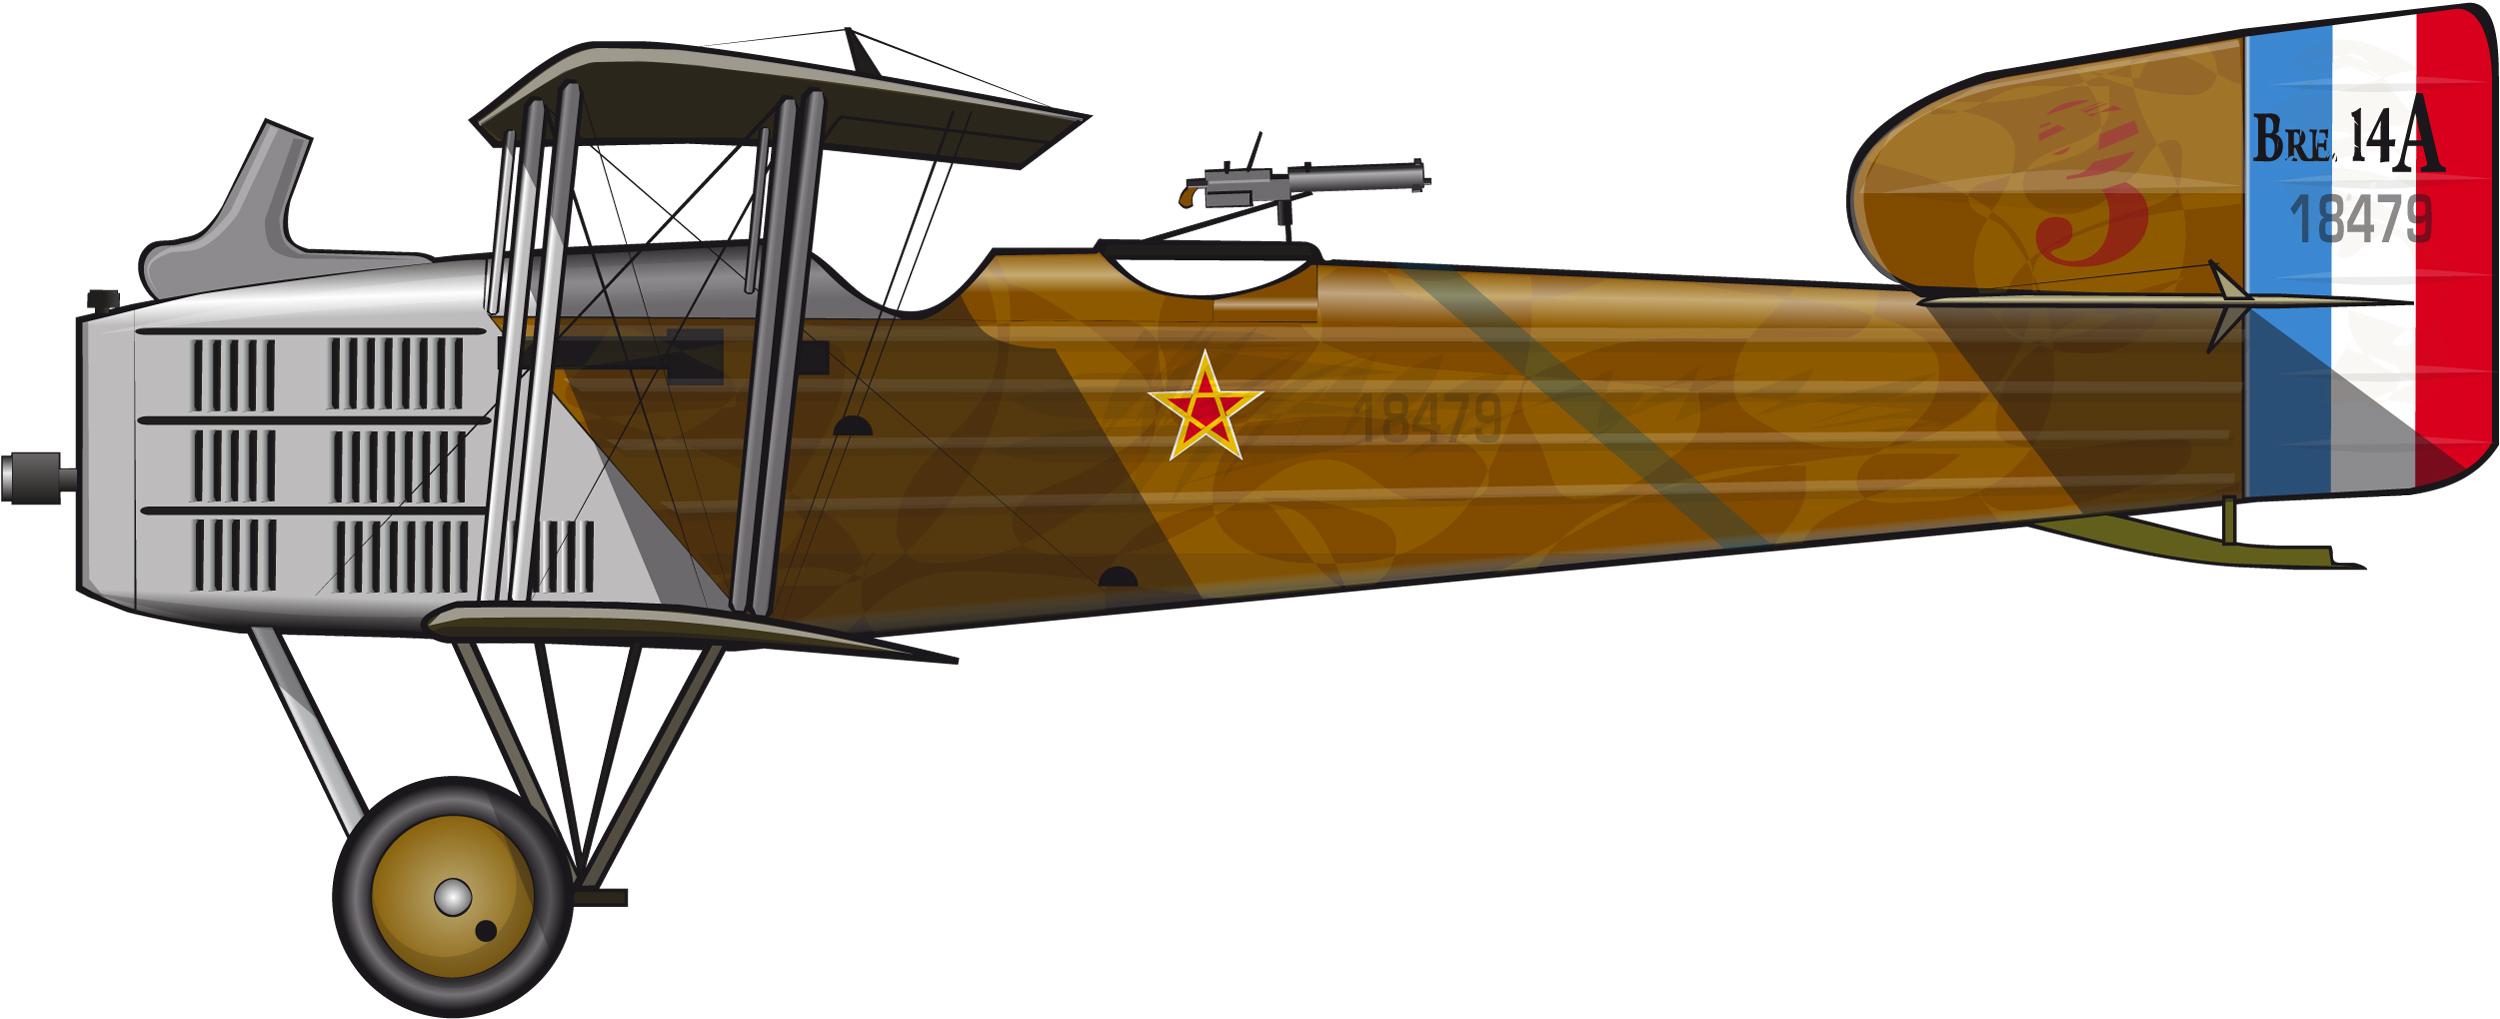 breguet14escadrillecherif1925